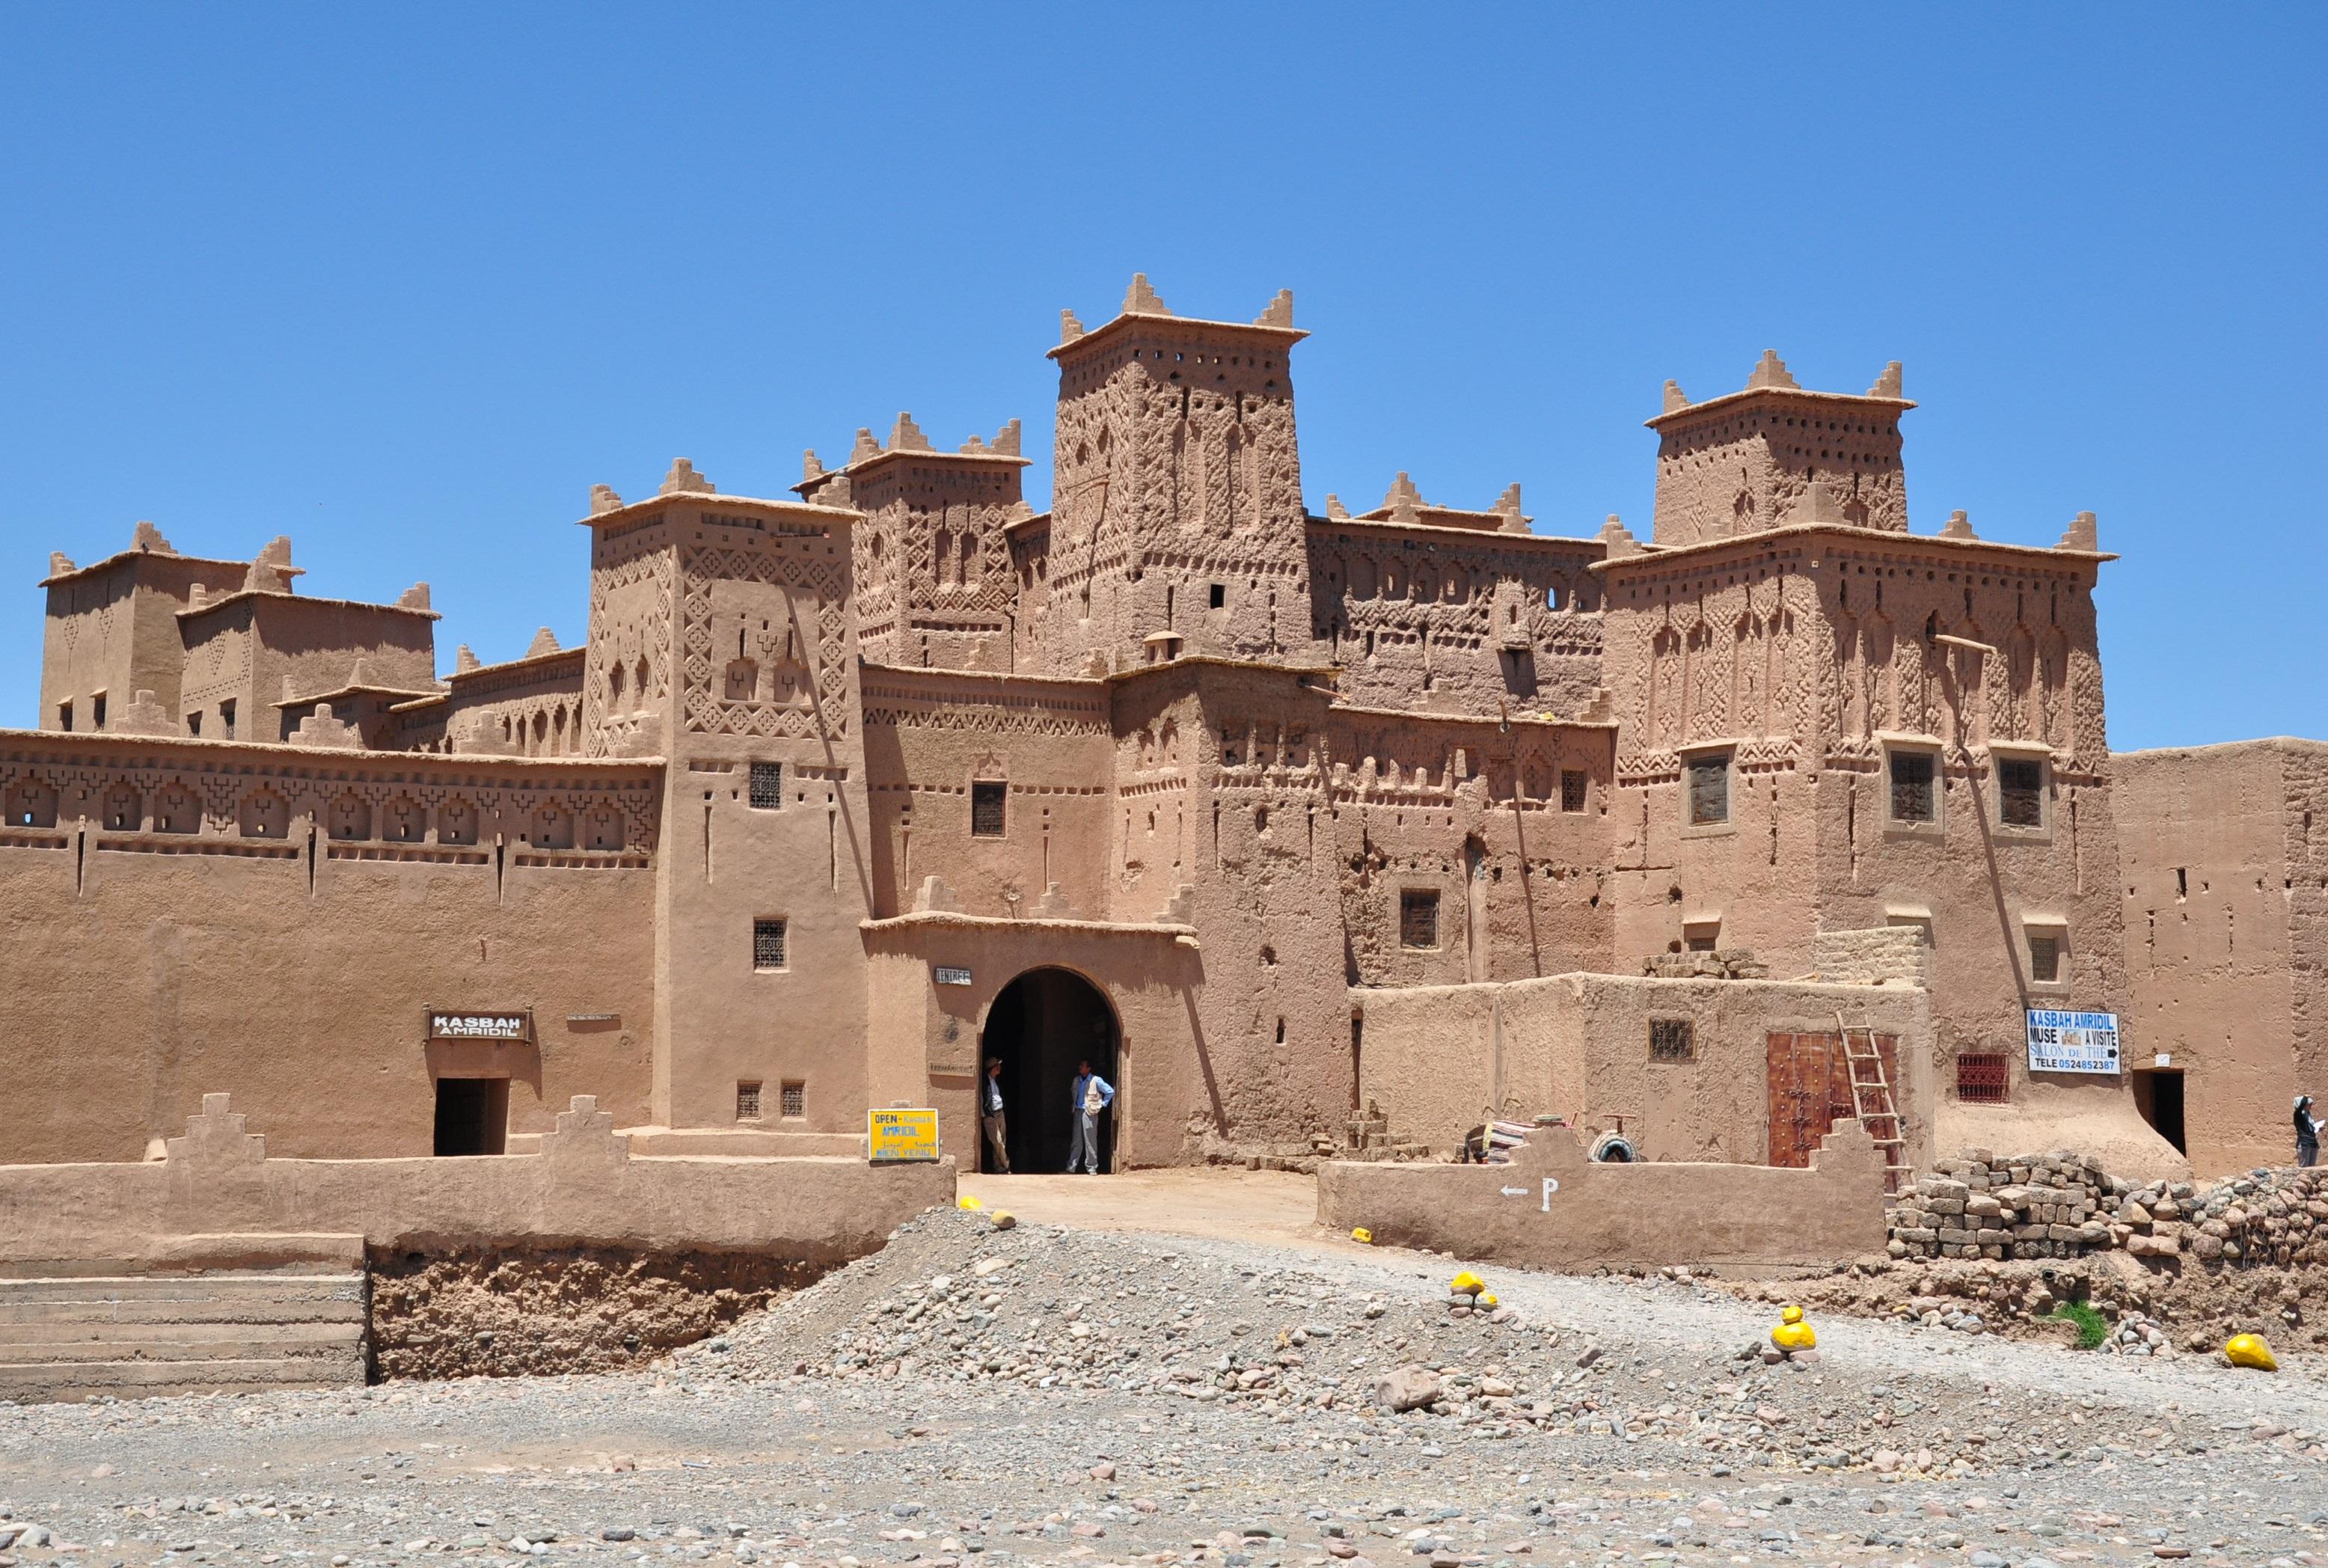 Grande tour del marocco festival delle rose i viaggi - Partenza da calata porta di massa ...